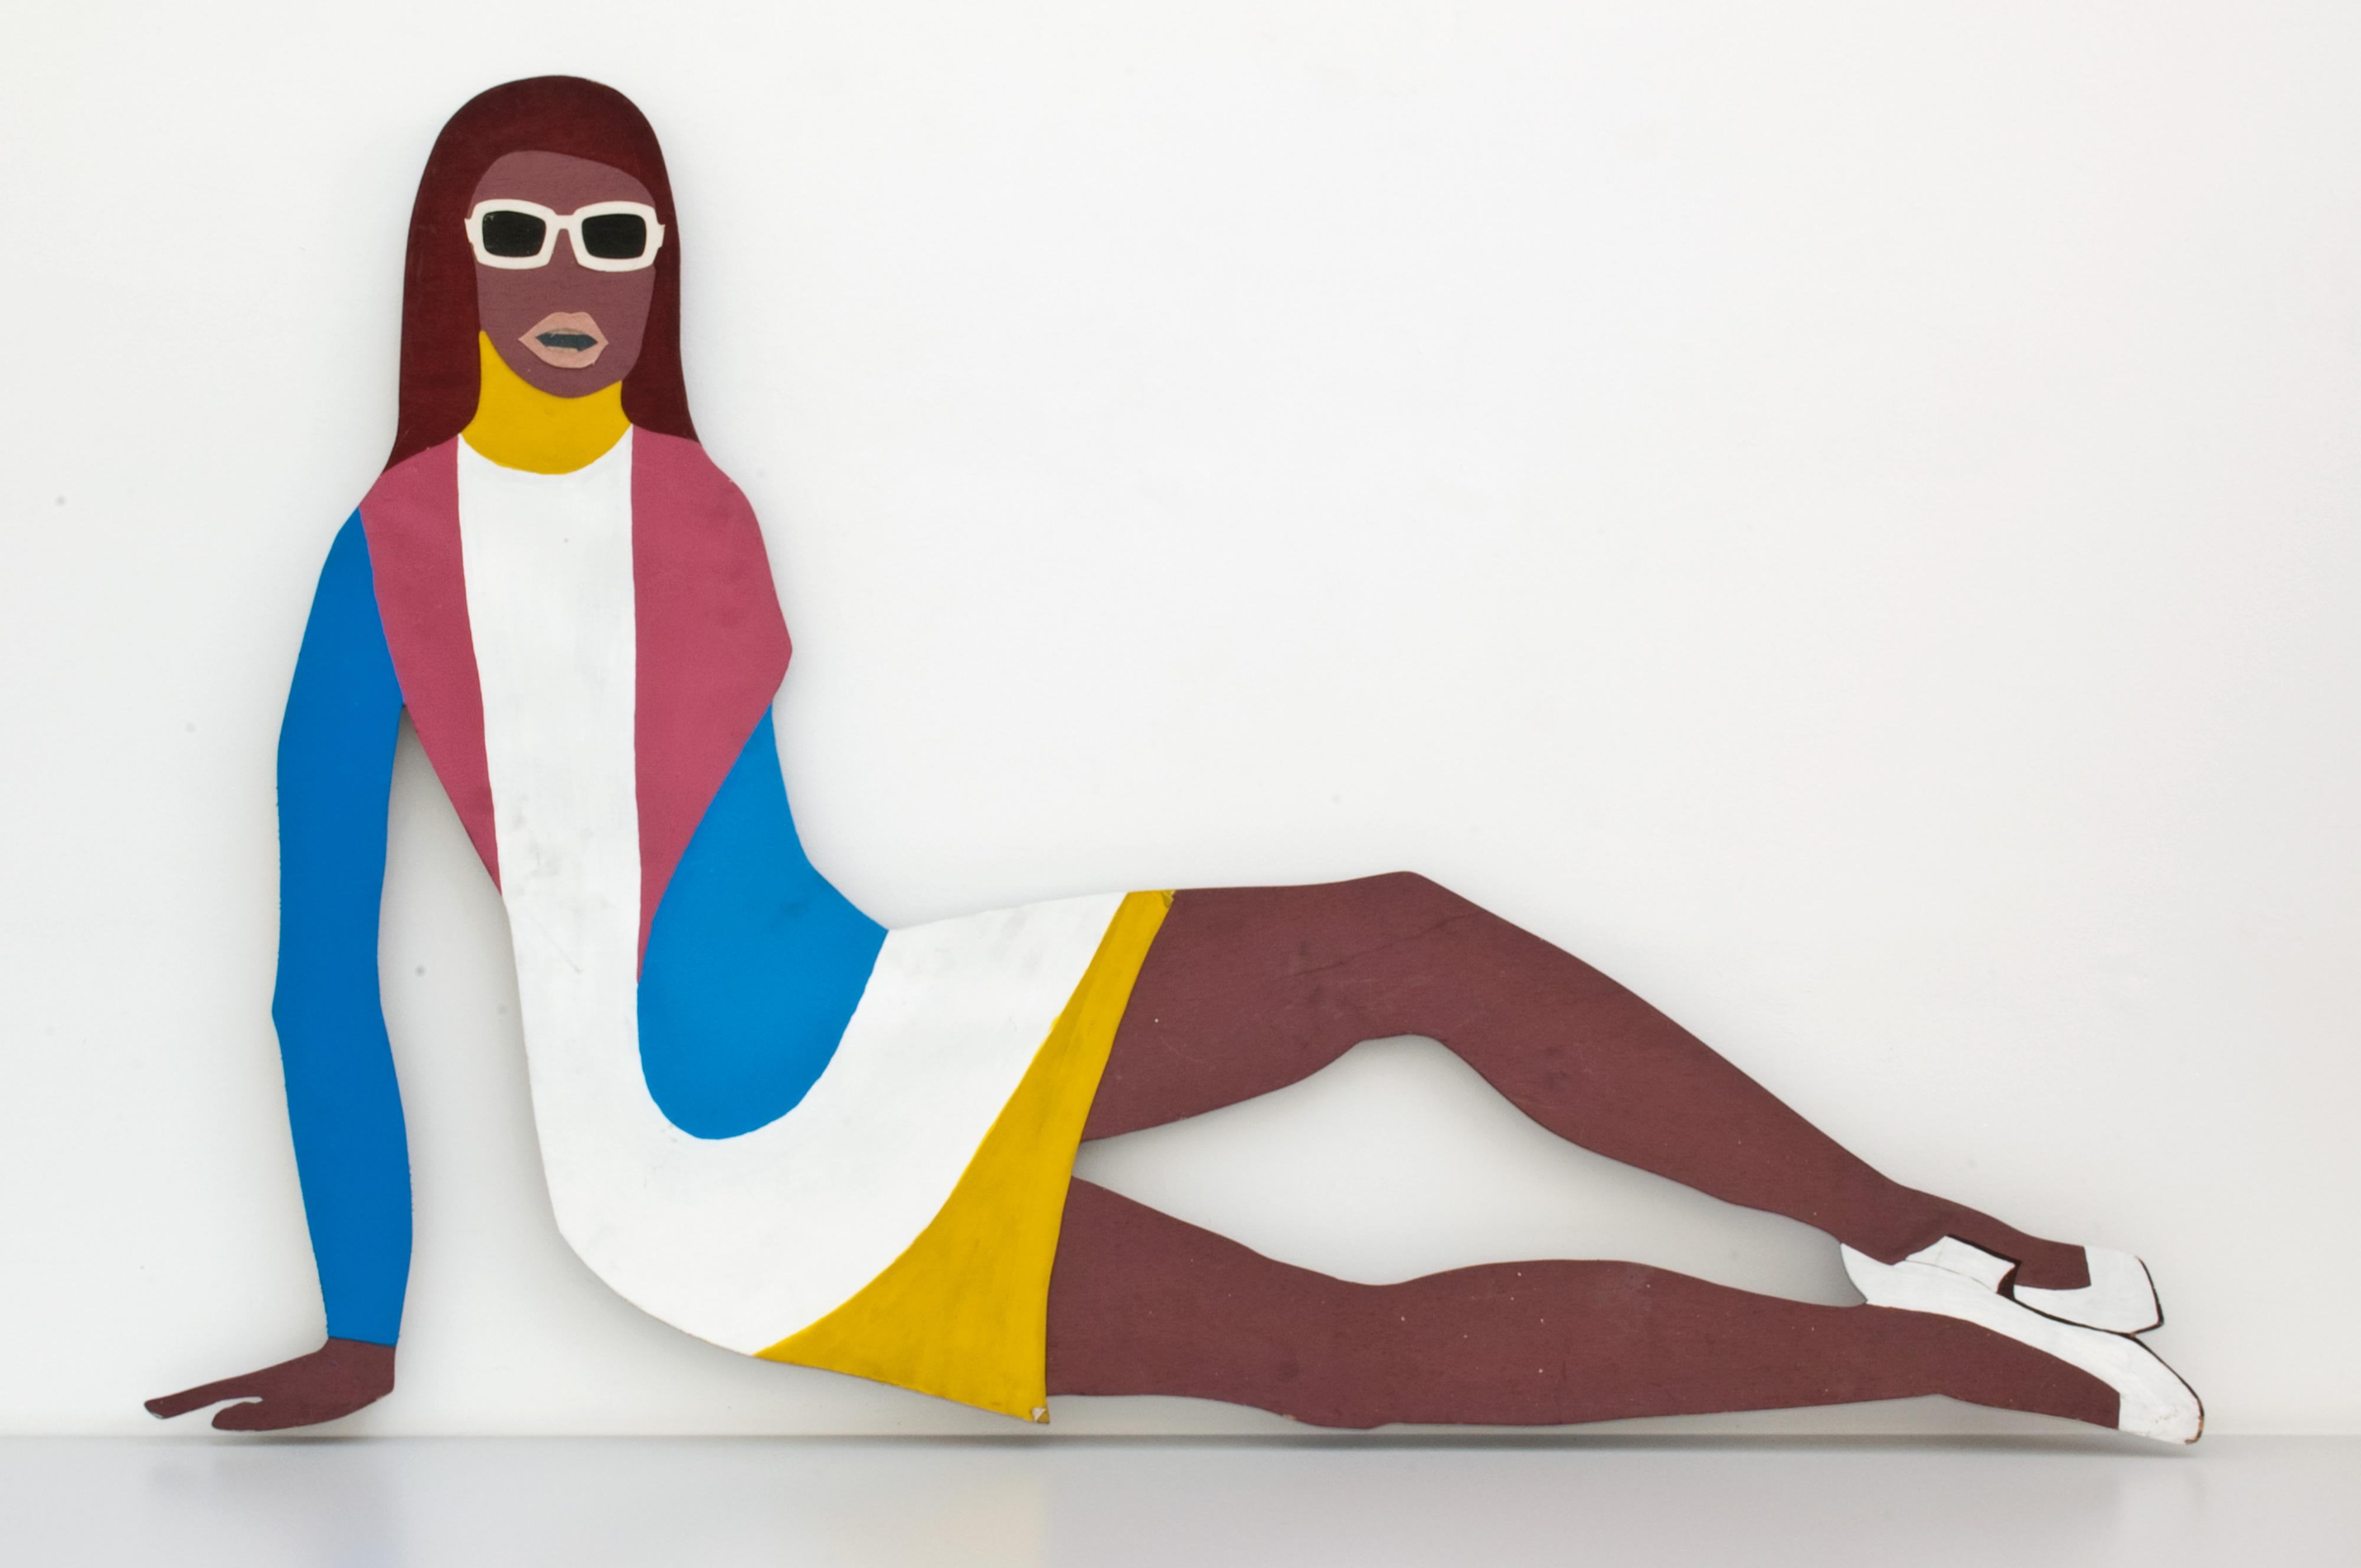 Galerie Barbara Thumm \ Teresa Burga – The Sixties